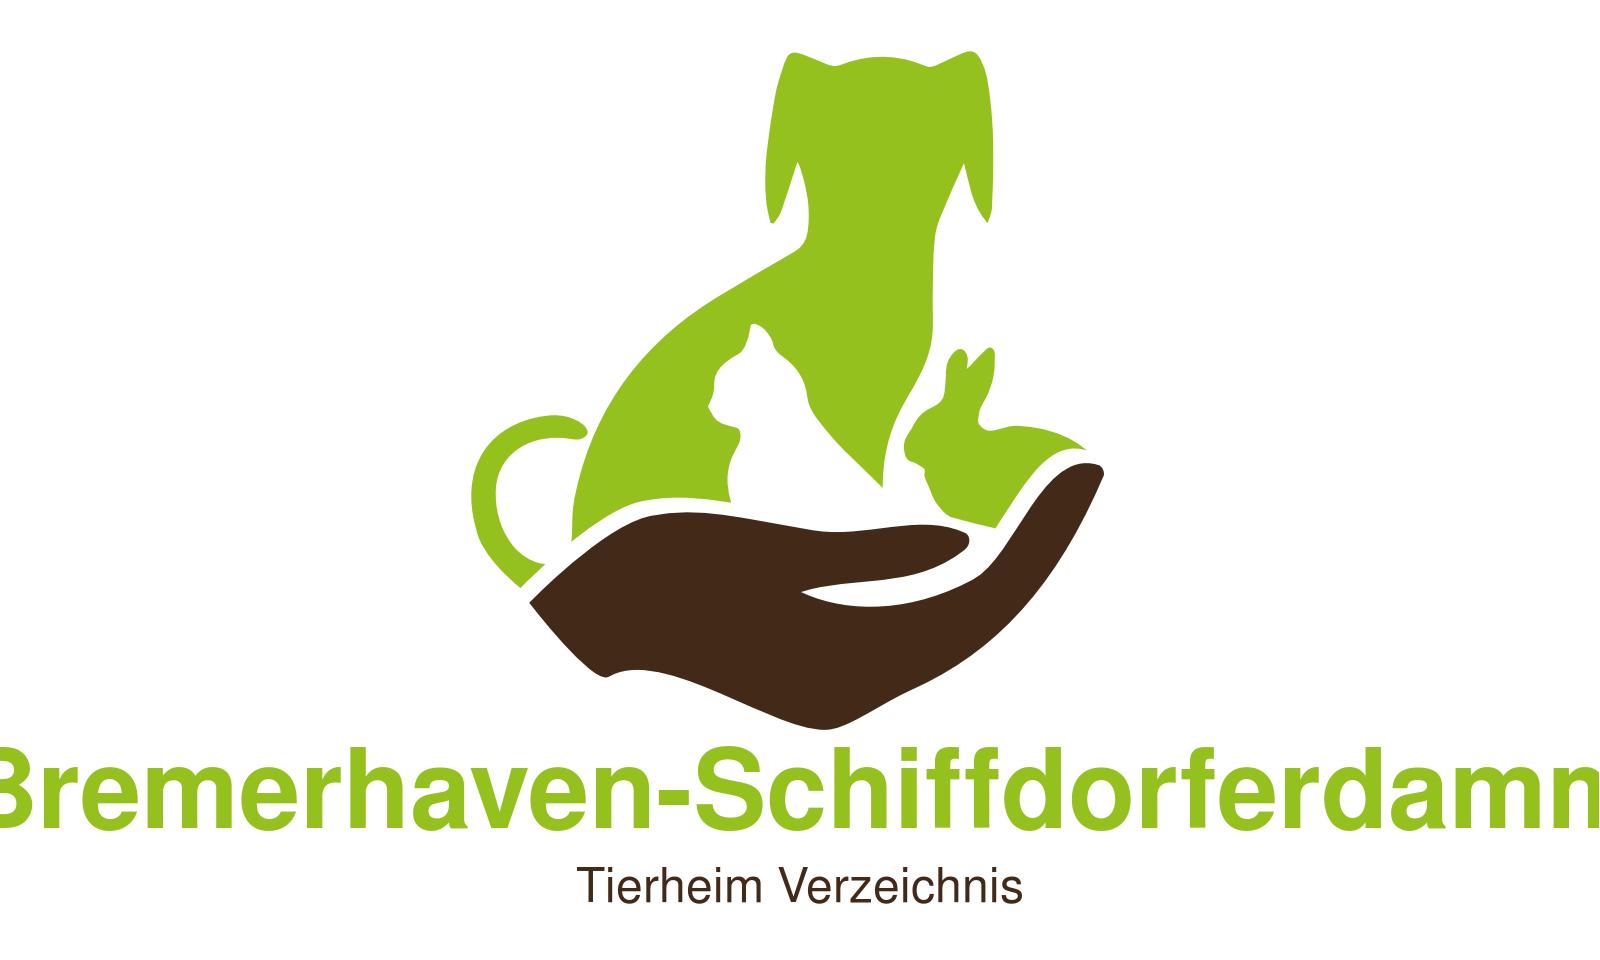 Tierheim Bremerhaven Schiffdorferdamm